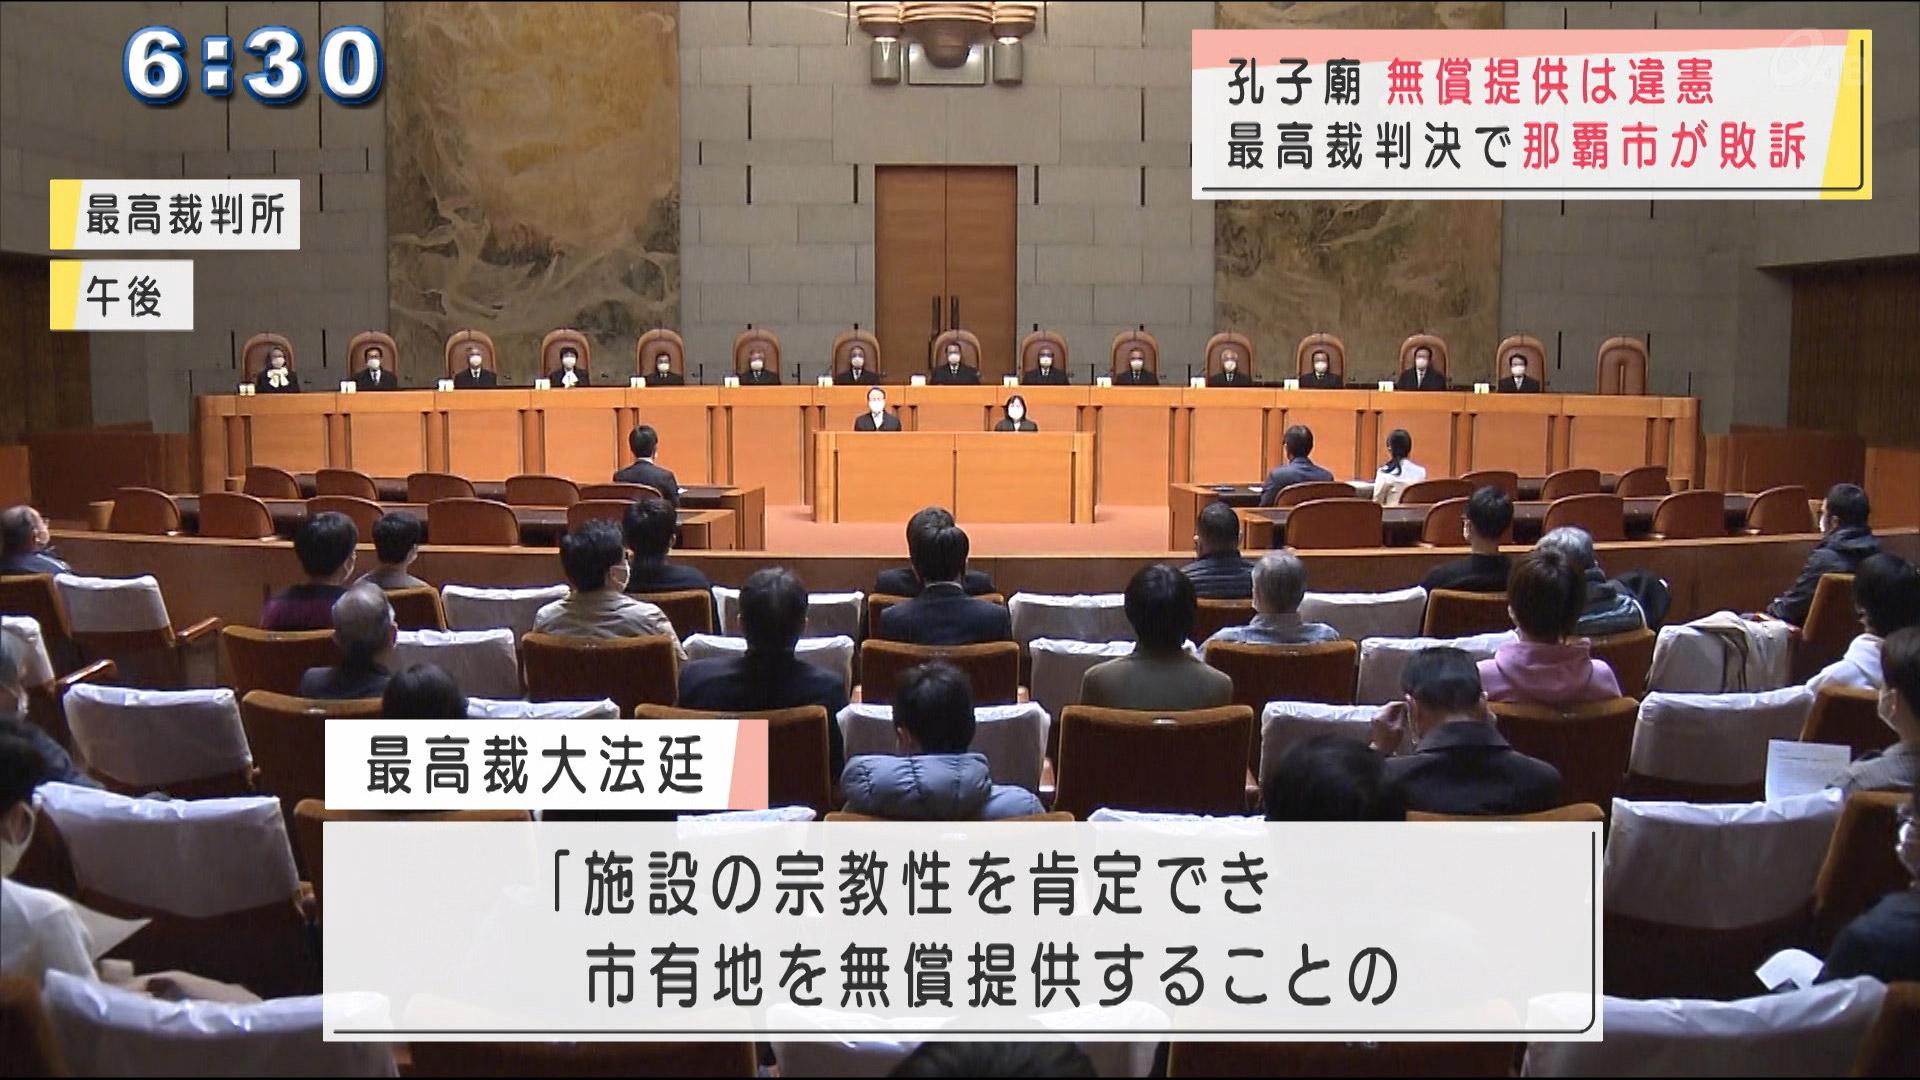 最高裁大法廷・孔子廟訴訟 無償提供は憲法違反